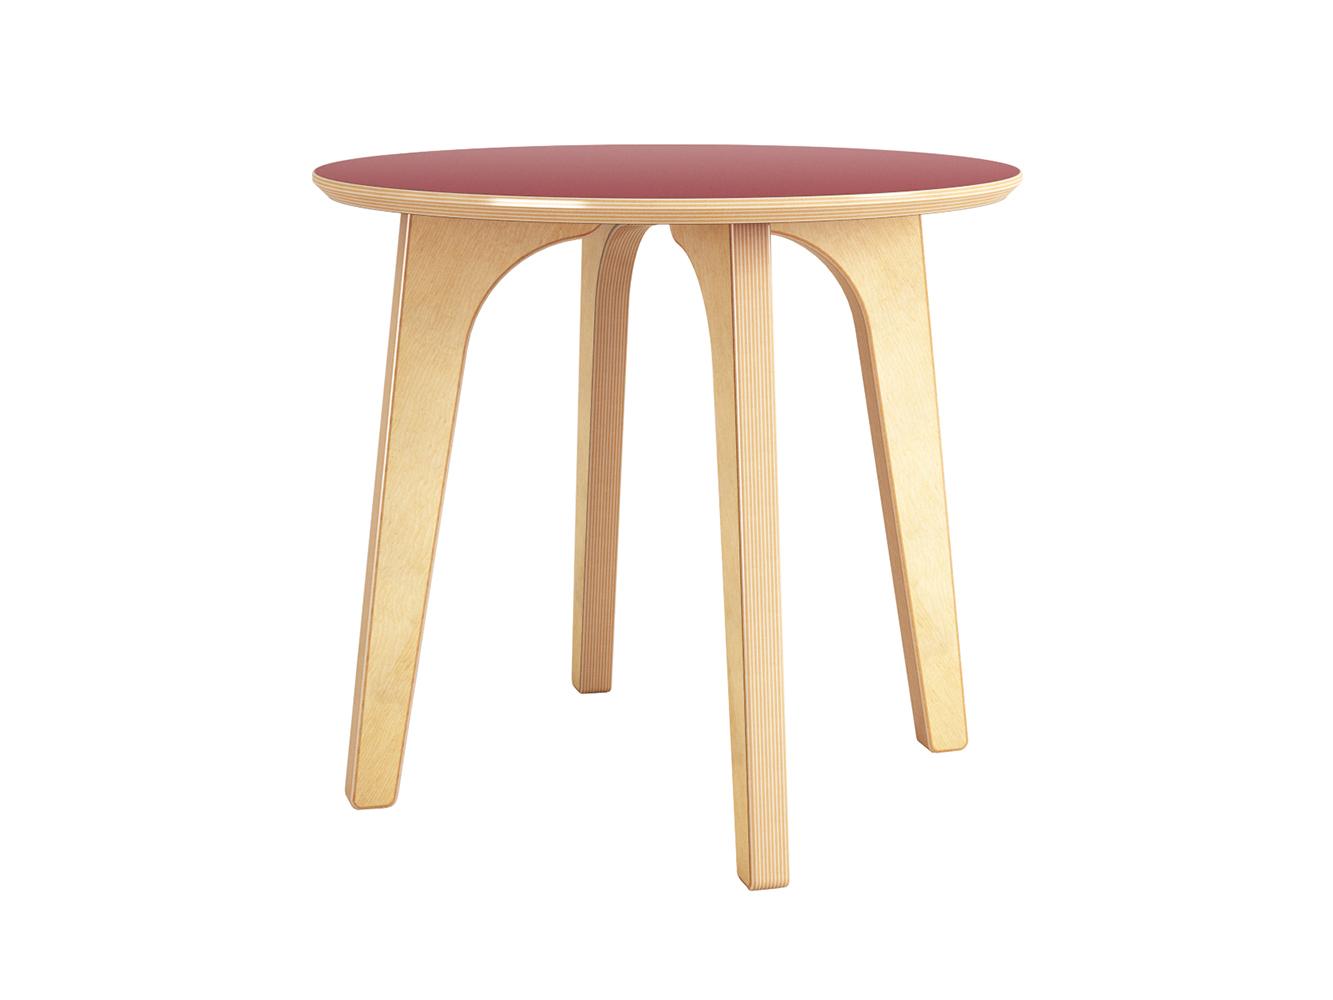 Кофейный стол PocusКофейные столики<br>Простой и понятный столик Pocus незаметно впишется в любое пространство. Добавьте цвета, если нужен яркий акцент в интерьере.&amp;amp;nbsp;&amp;lt;div&amp;gt;Цветовая гамма включает 19 различных оттенков. Вы можете выбрать один или скомбинировать несколько цветов.  Детали уточняйте у менеджеров клиентской службы.&amp;amp;nbsp;&amp;lt;/div&amp;gt;<br><br>Material: Фанера<br>Высота см: 50